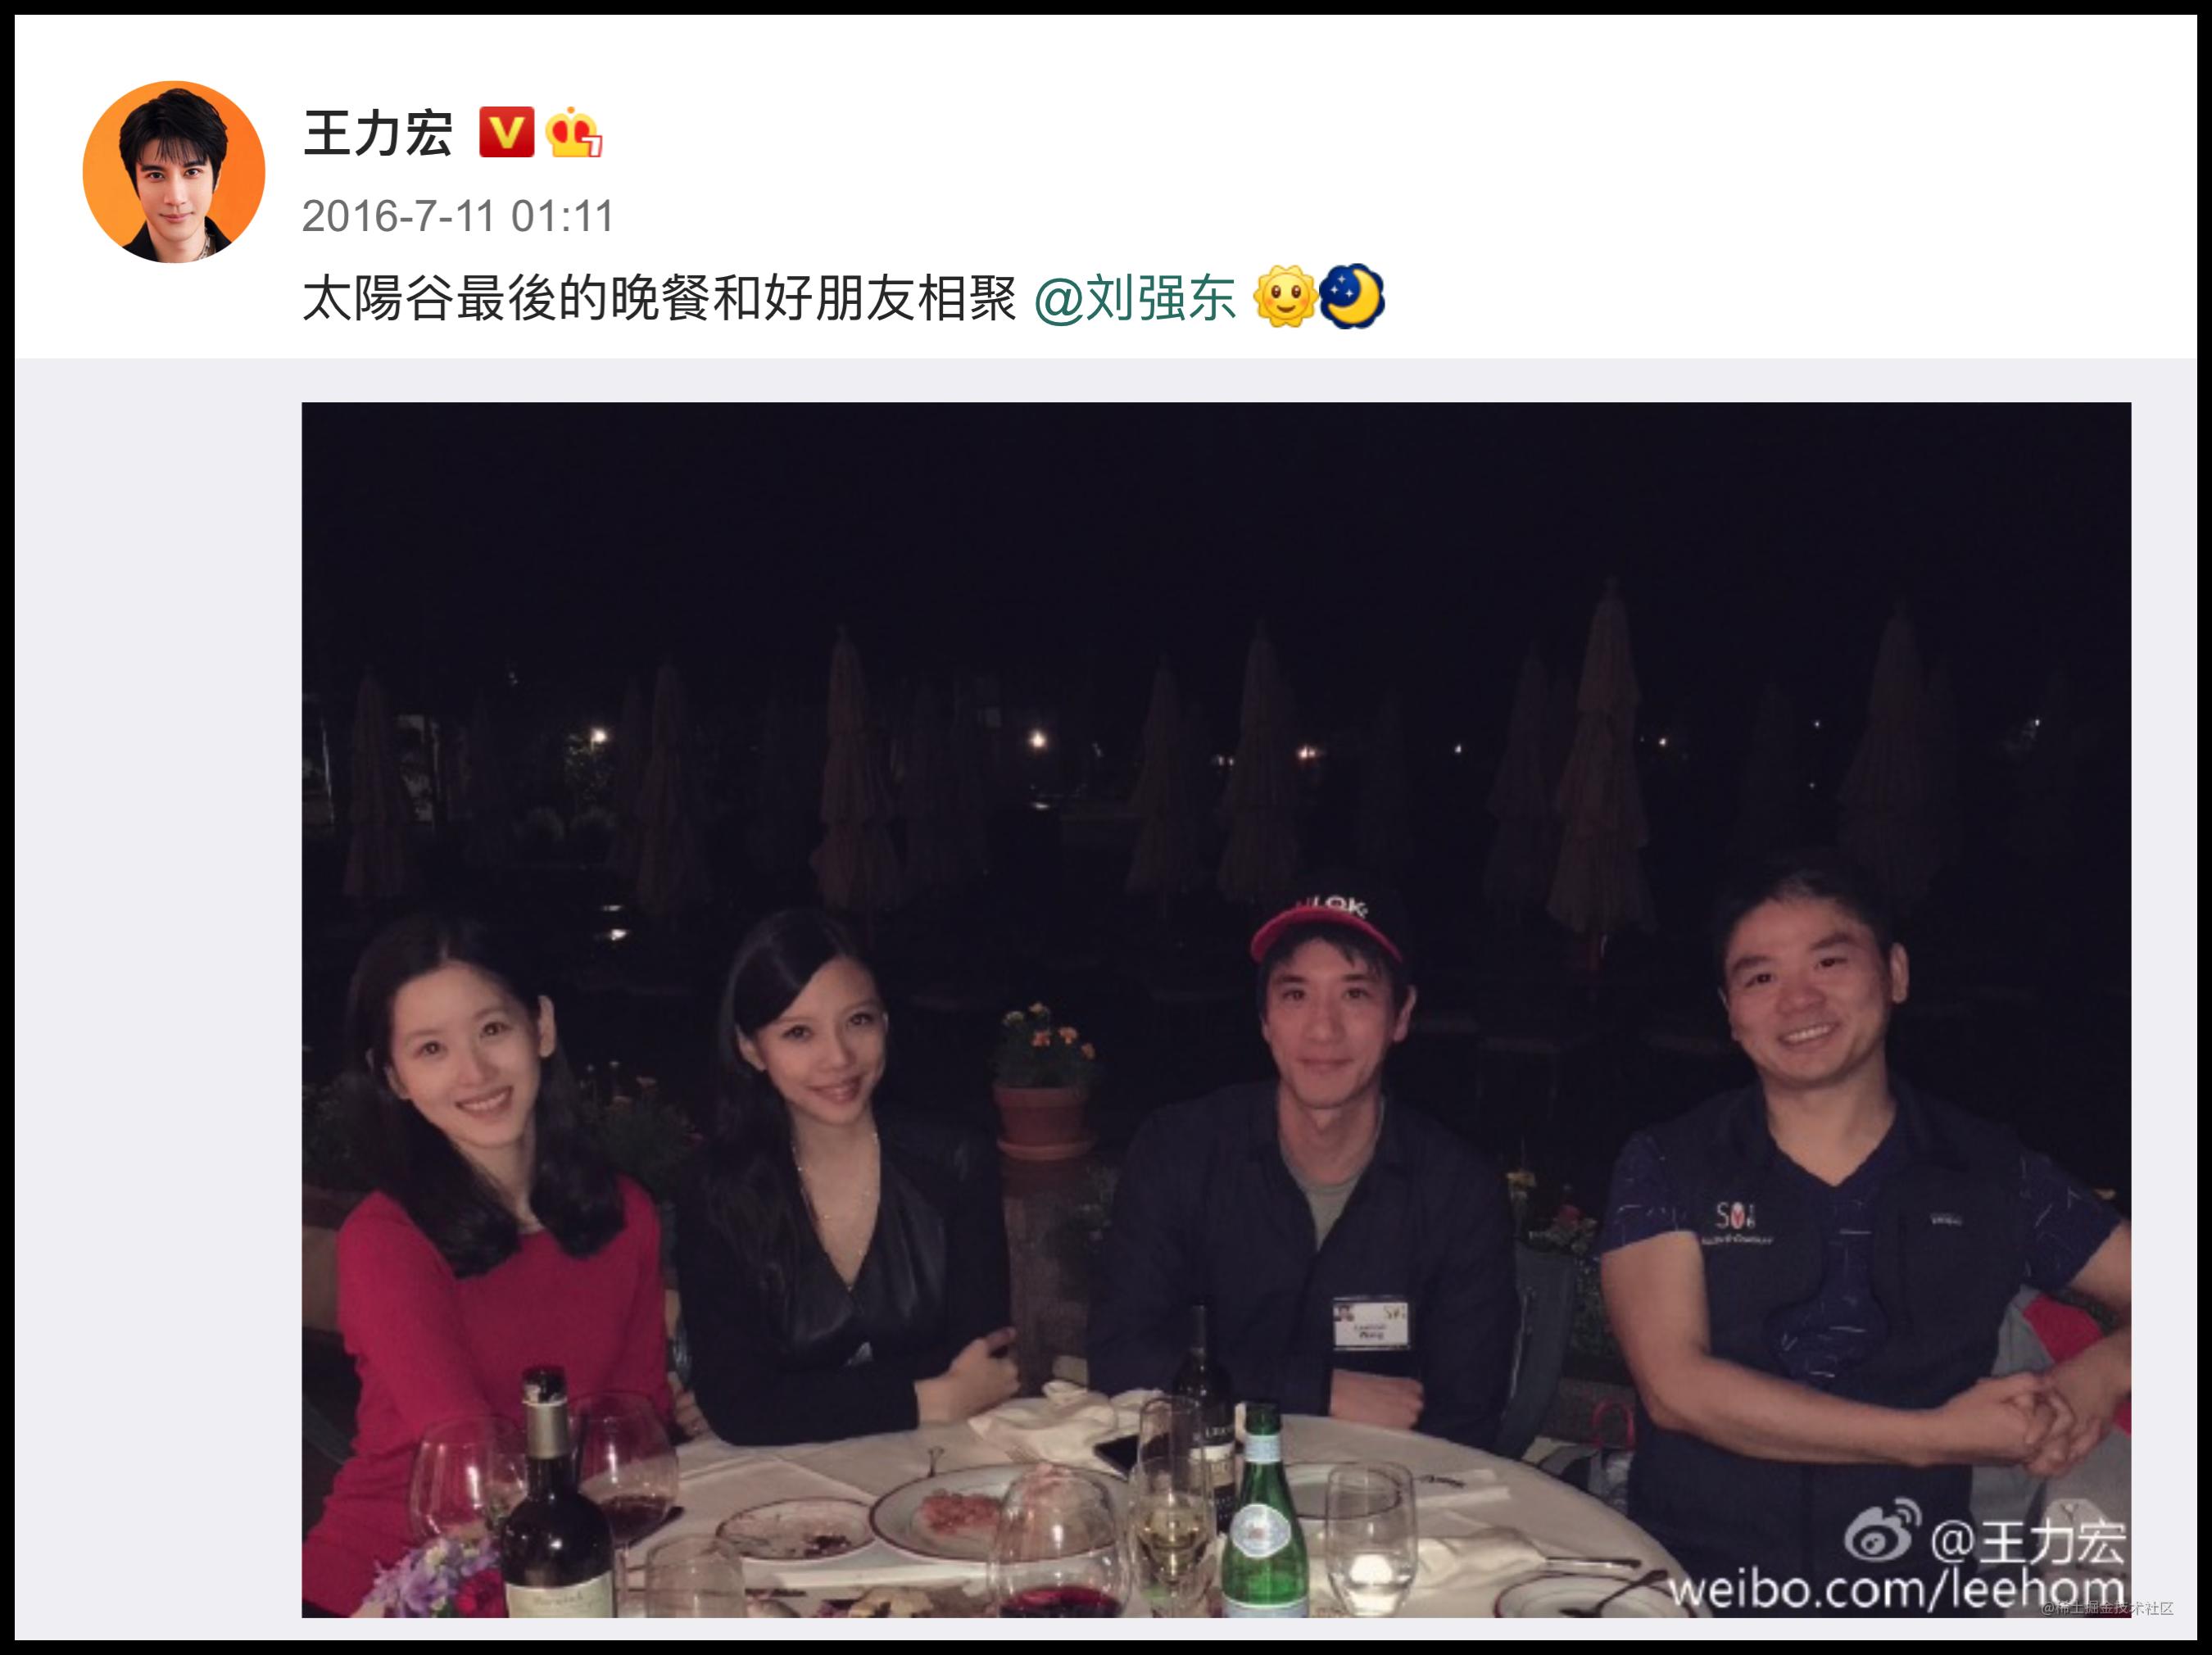 2016-王力宏与刘强东.png